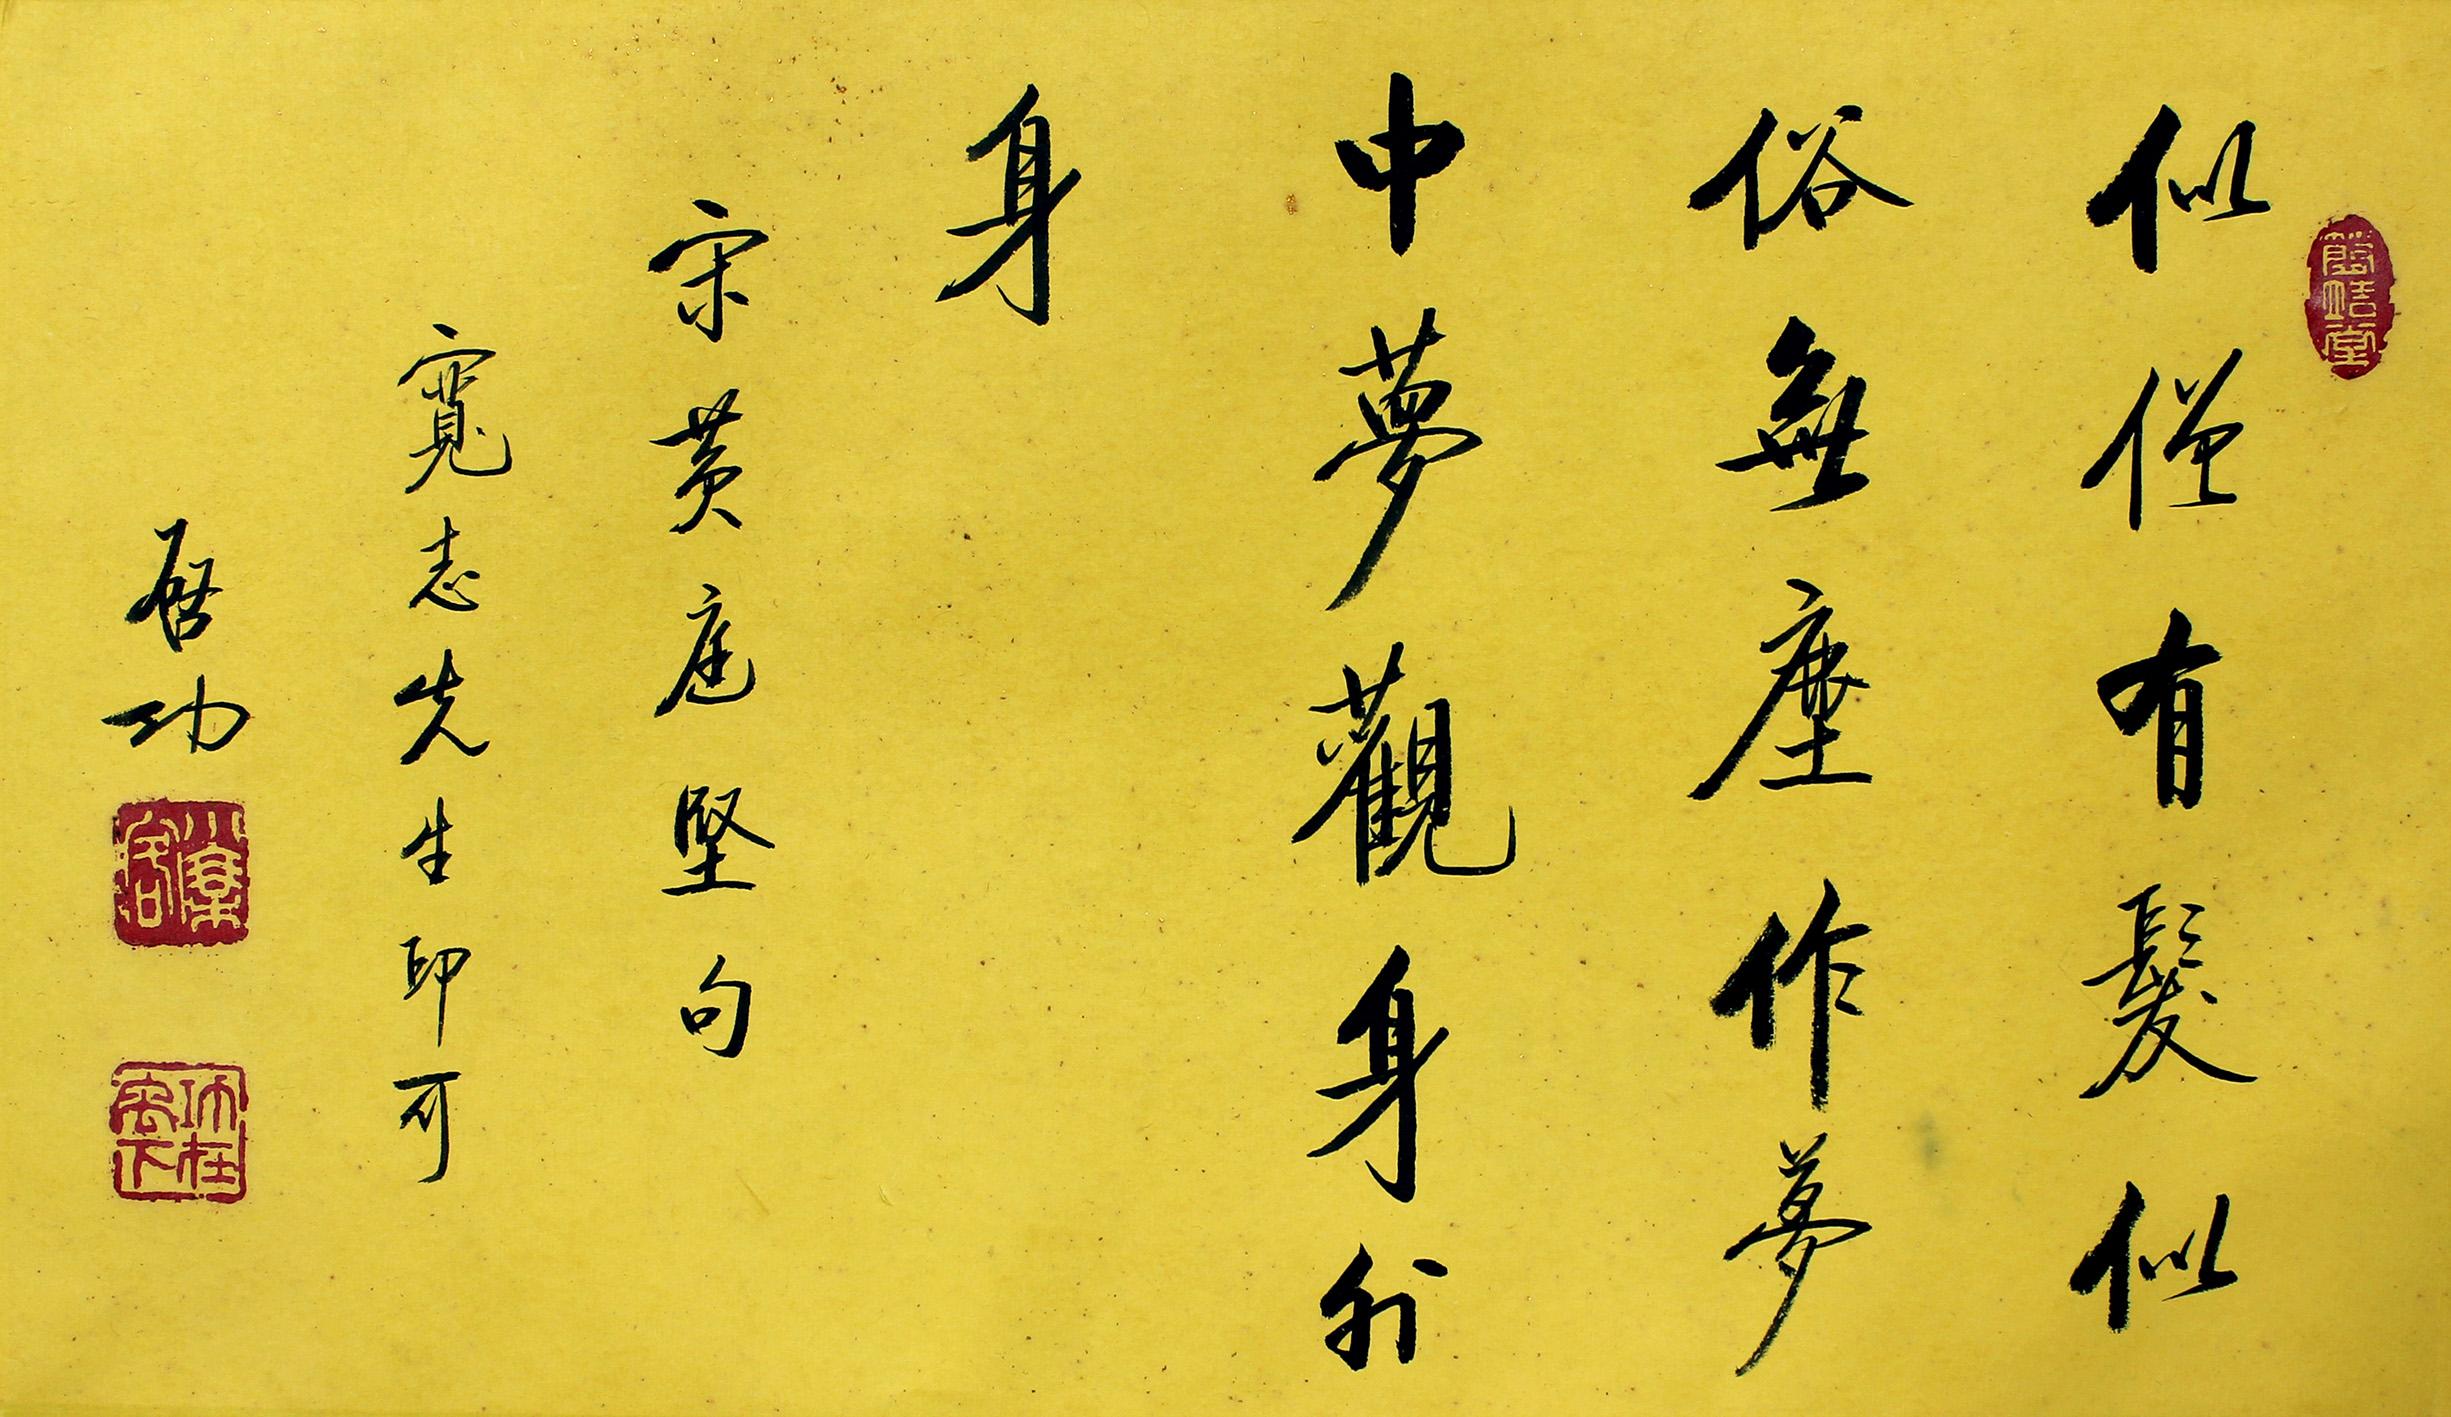 中国书法协会名誉主席图片